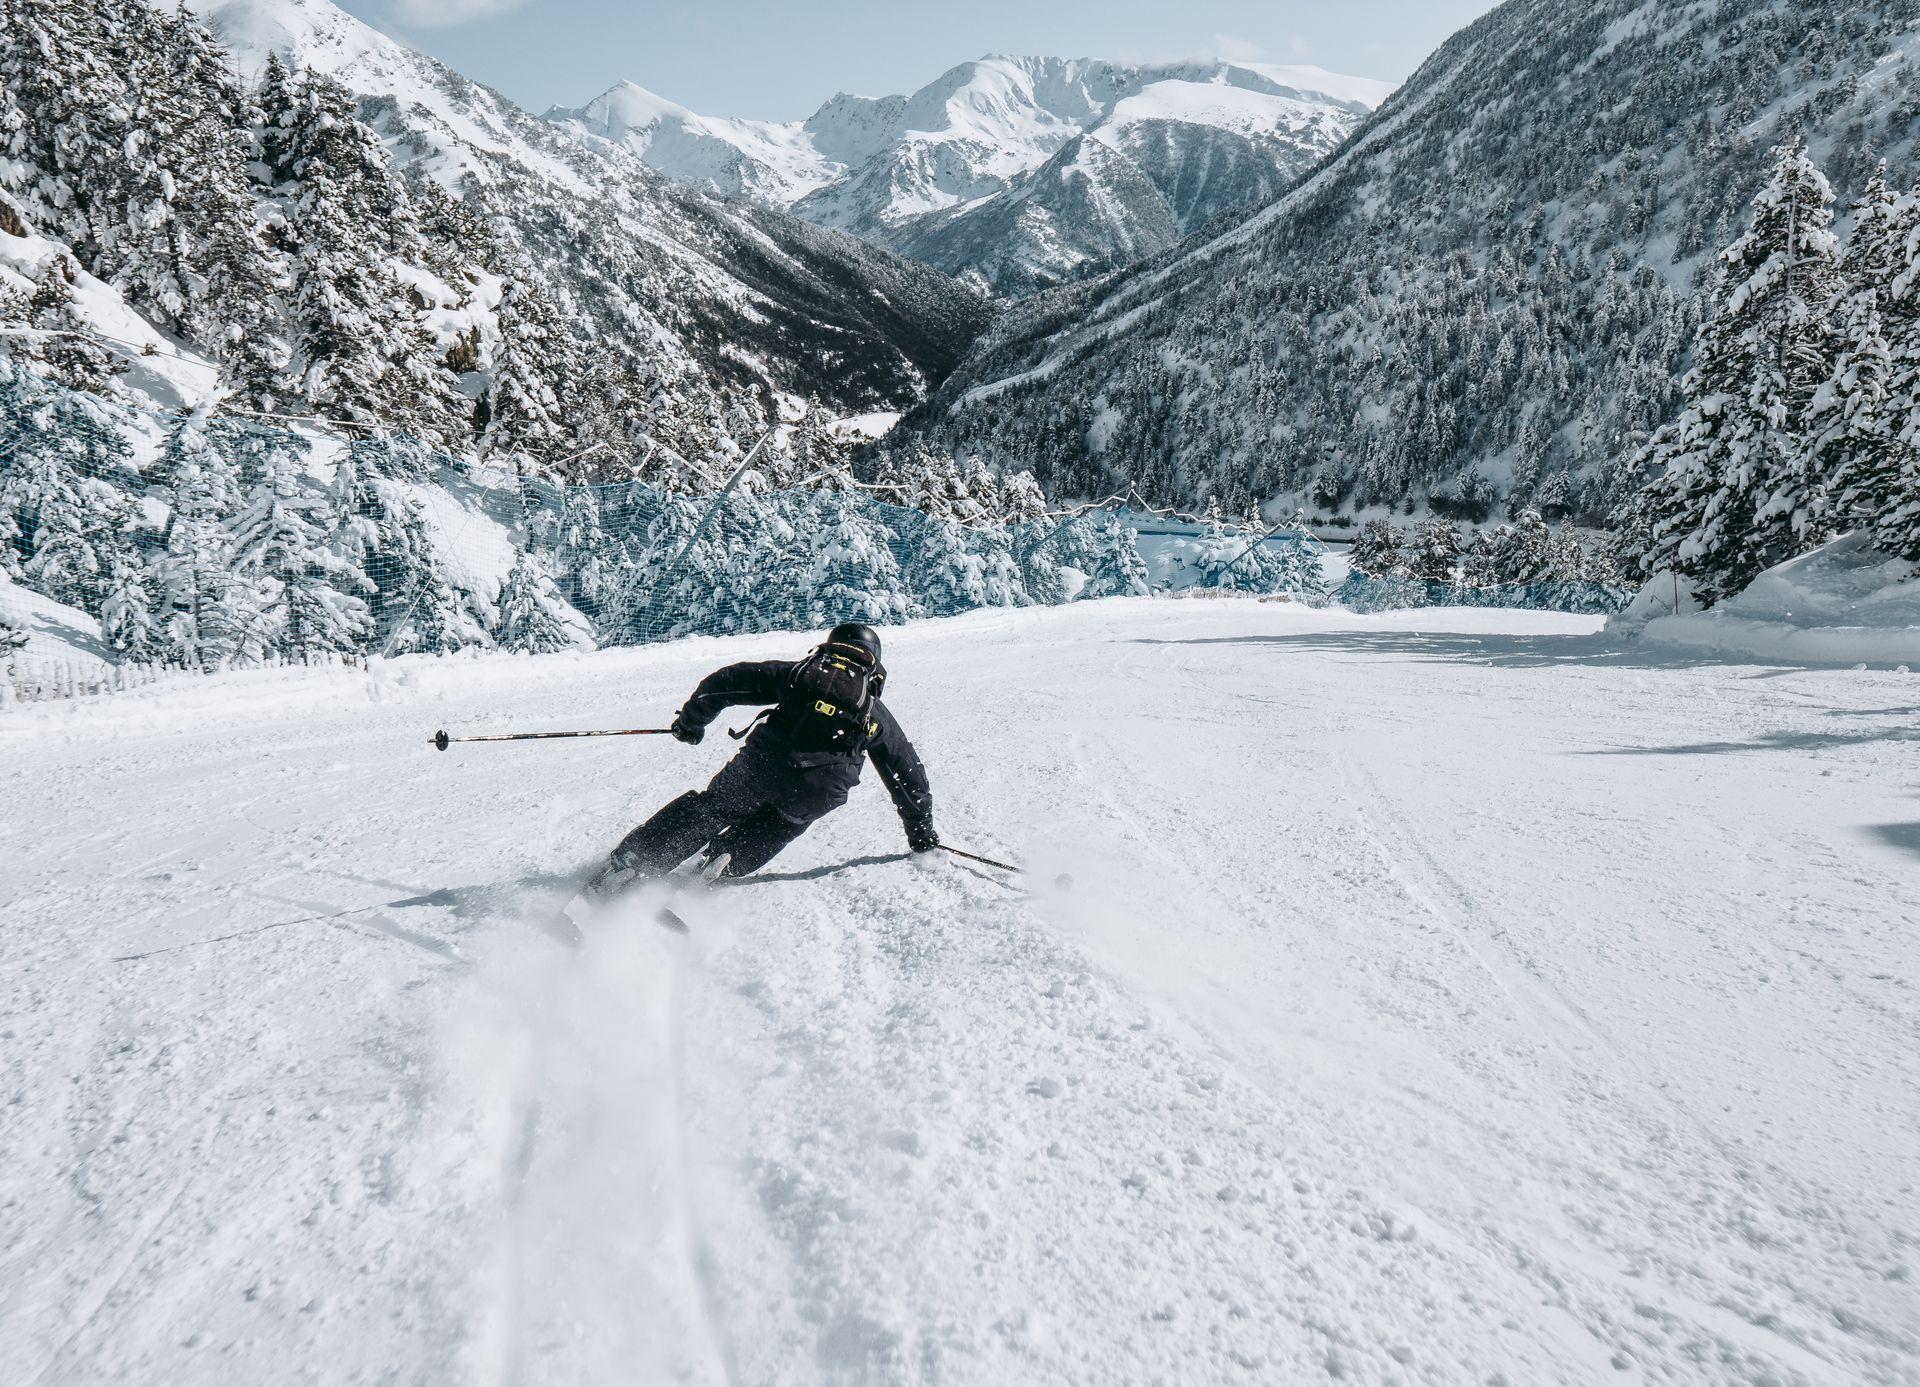 Grandvalira Resorts cierra una temporada de esqui con un impacto económico devastador